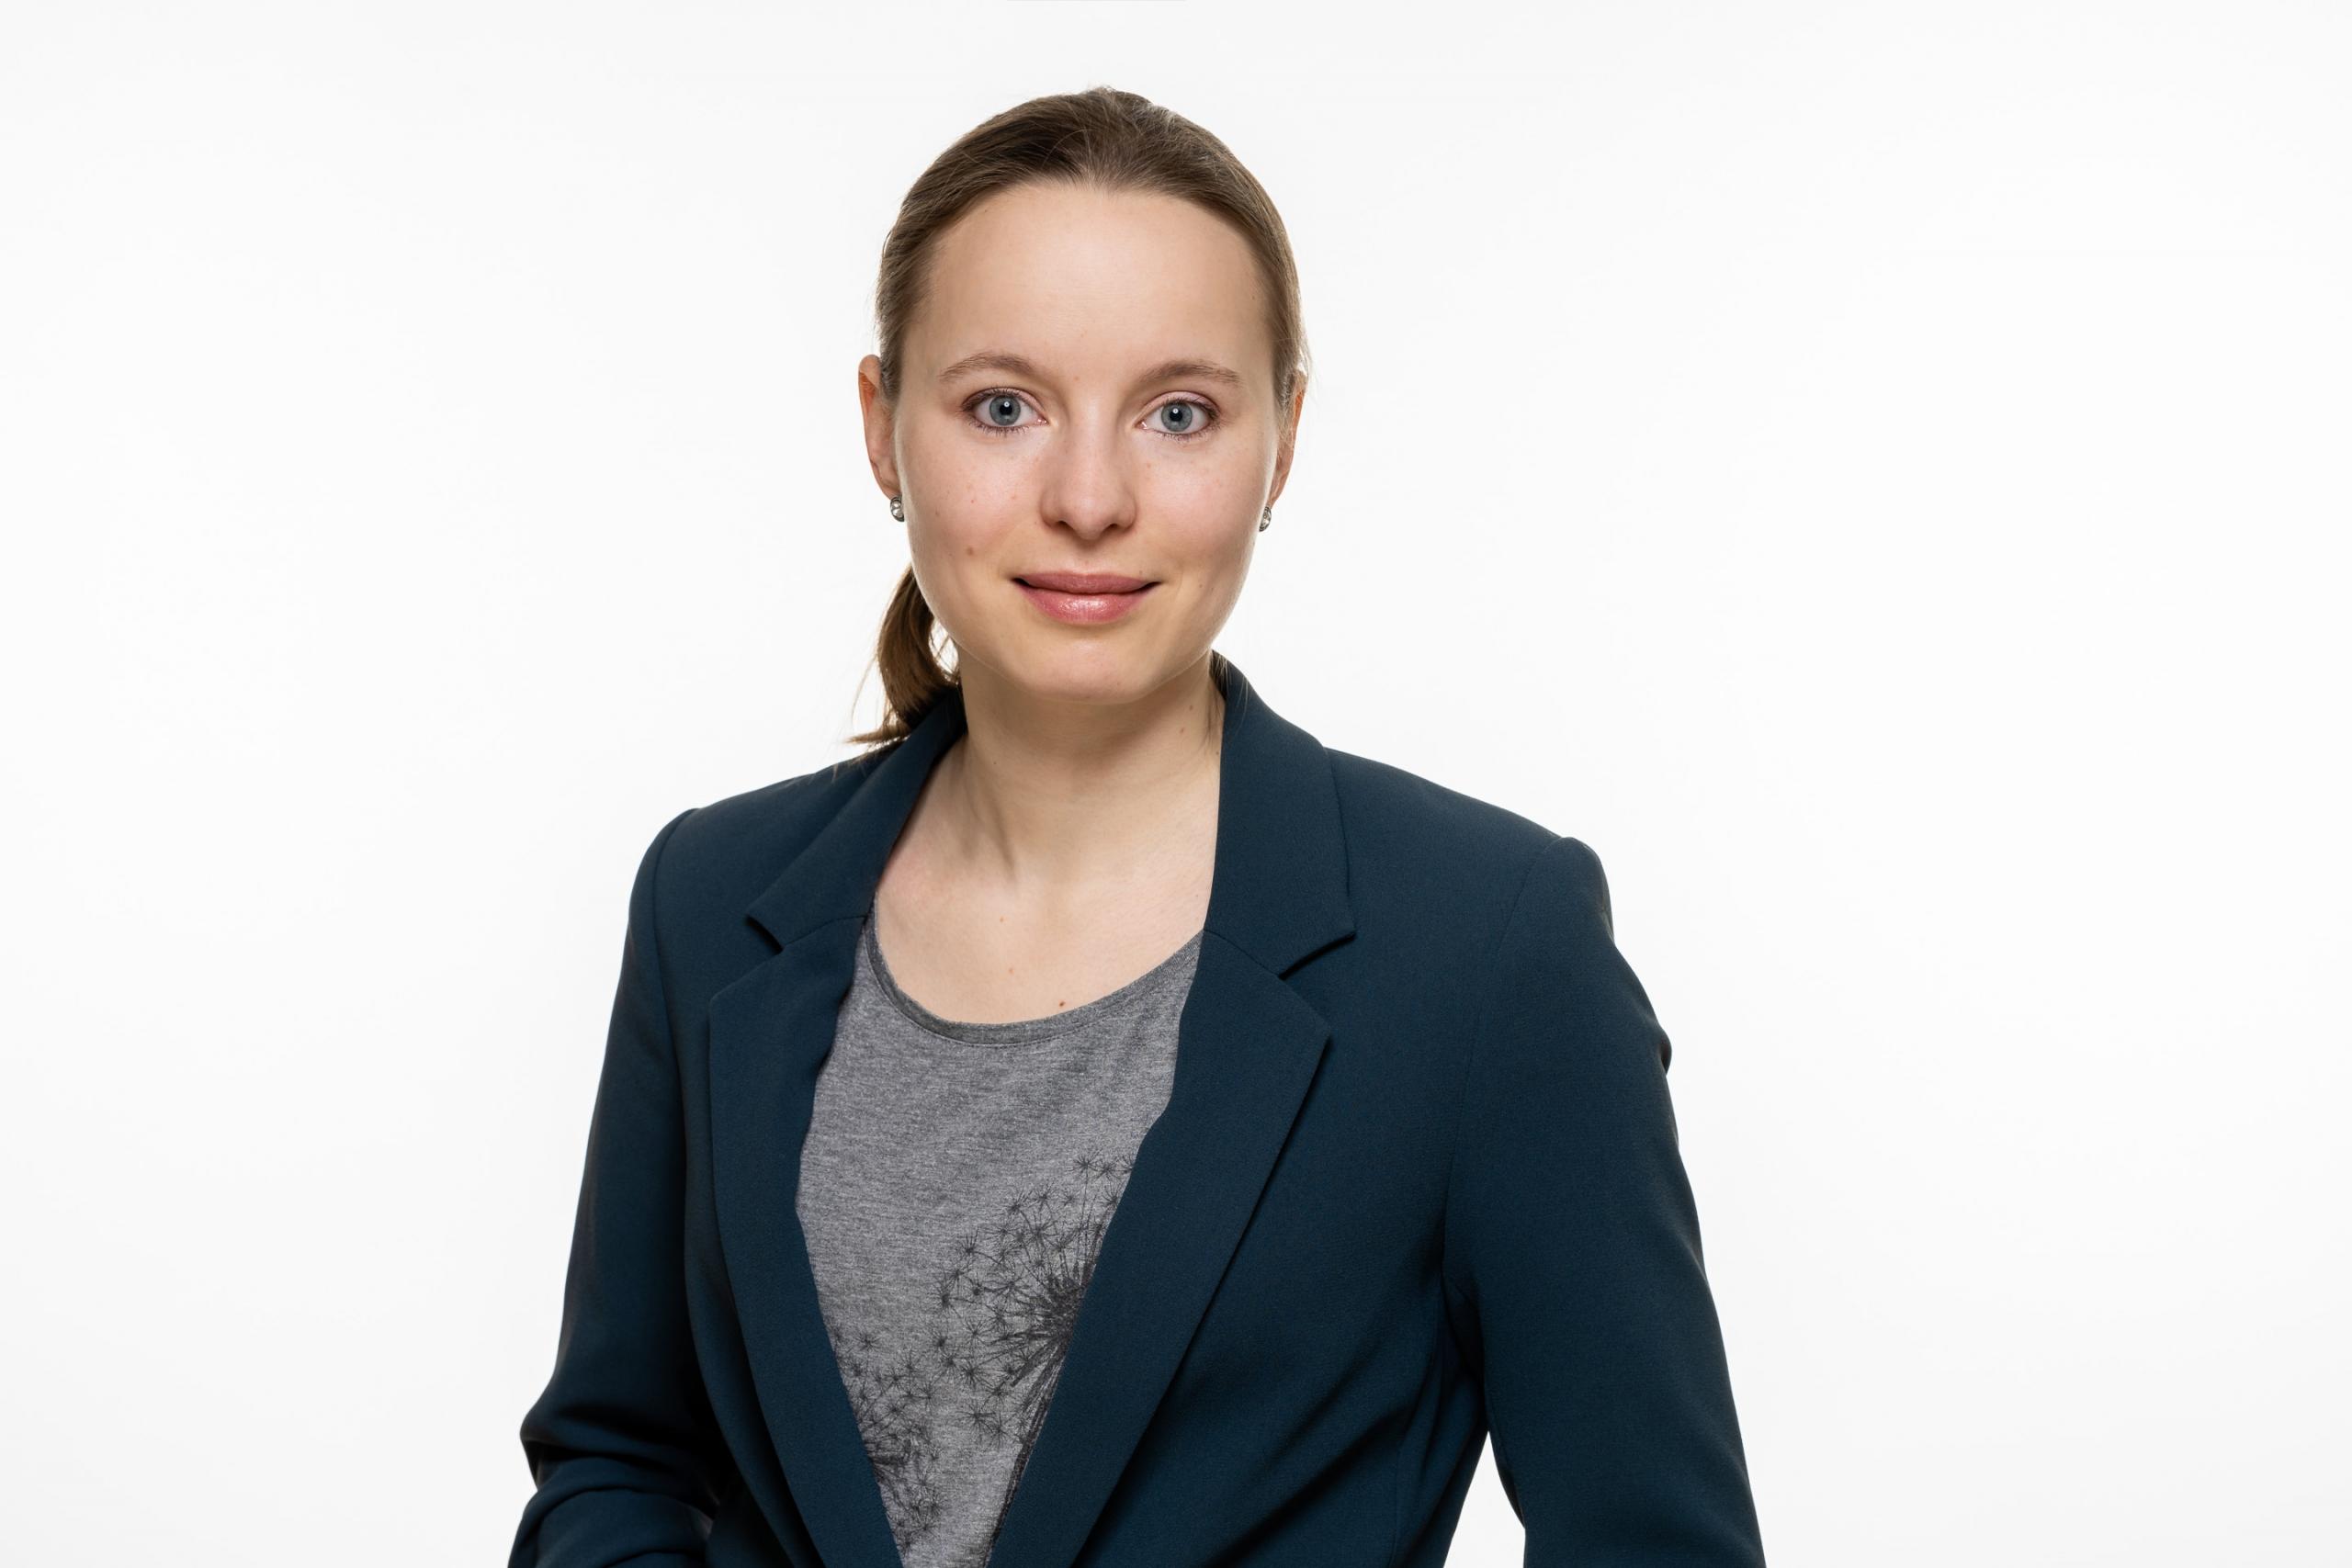 Simone Krause